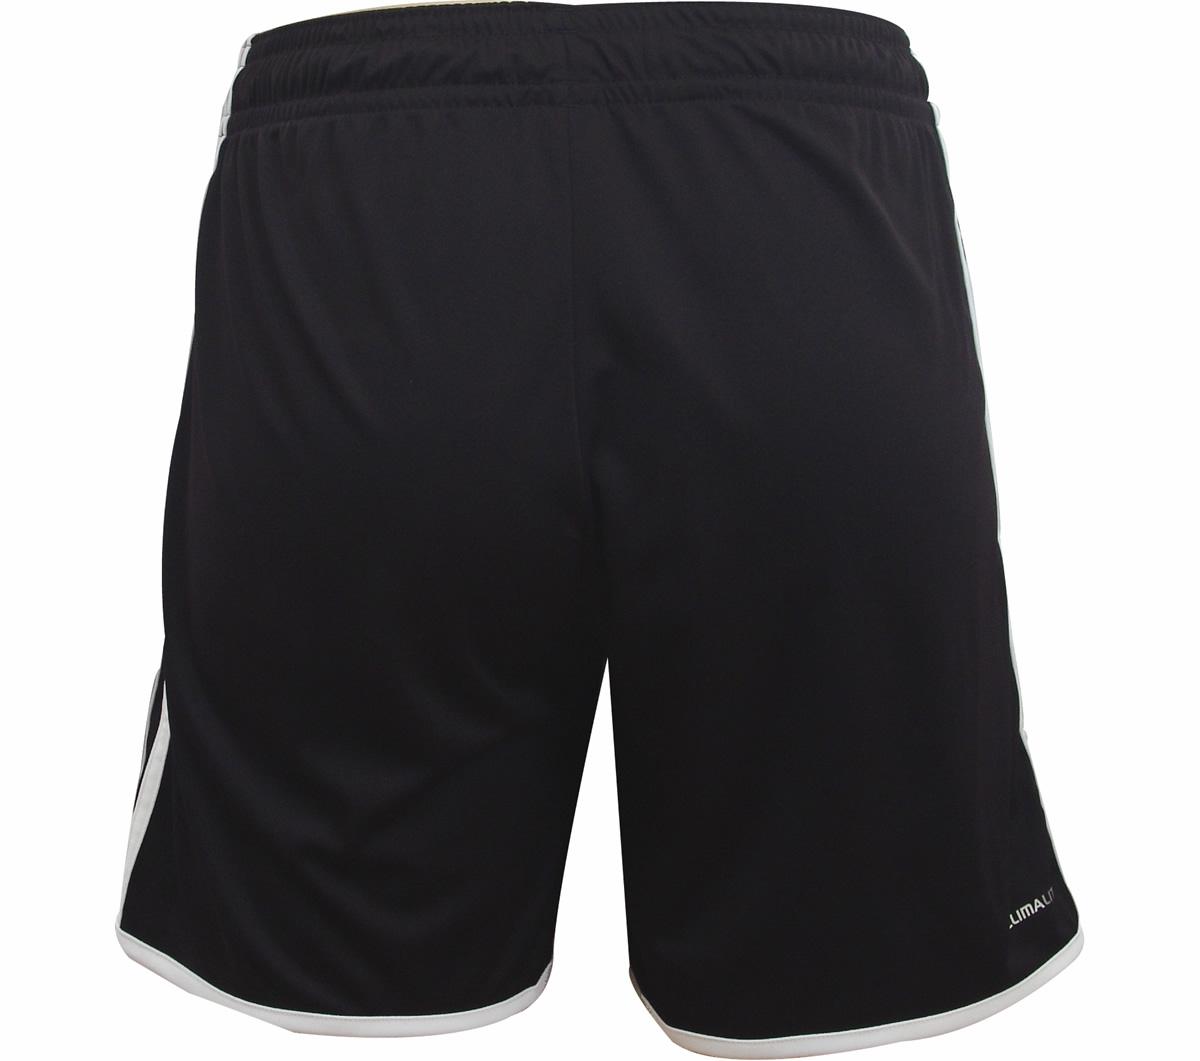 Calção Adidas Entrada 12 Preto e Branco - Mundo do Futebol a06f3ce534418